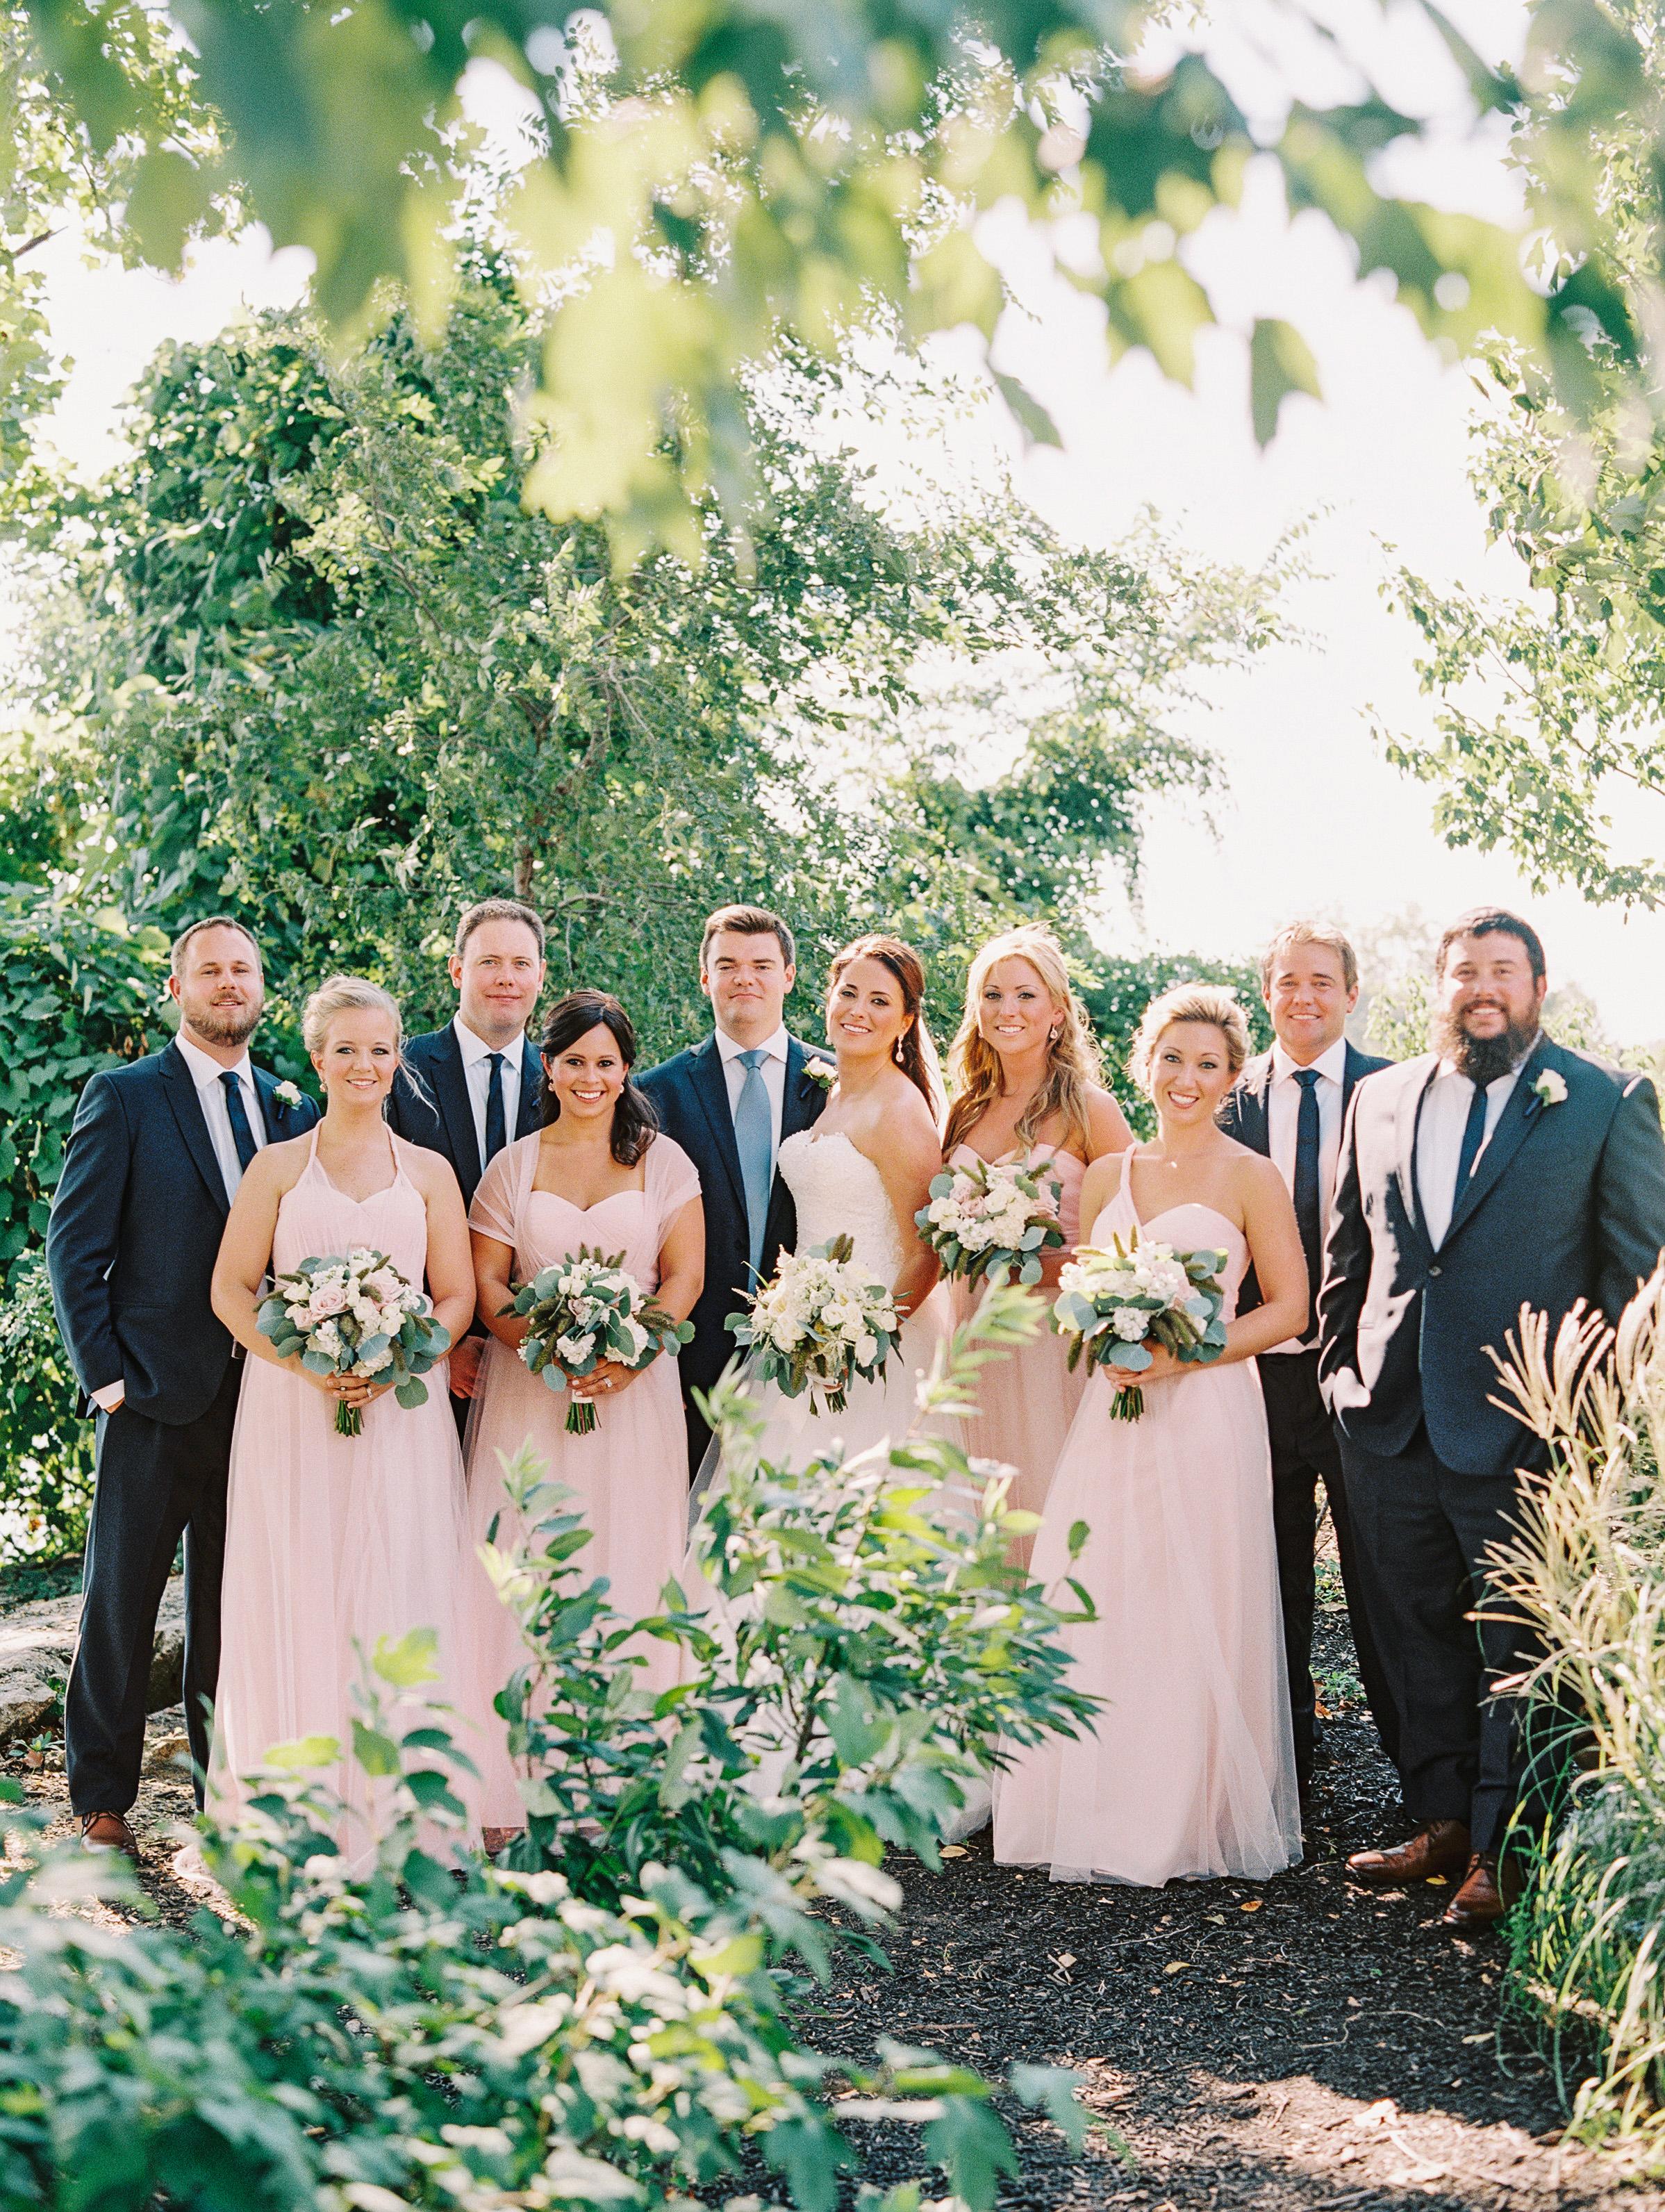 8-8-16-blue-sequoia-georgetown-wedding-9